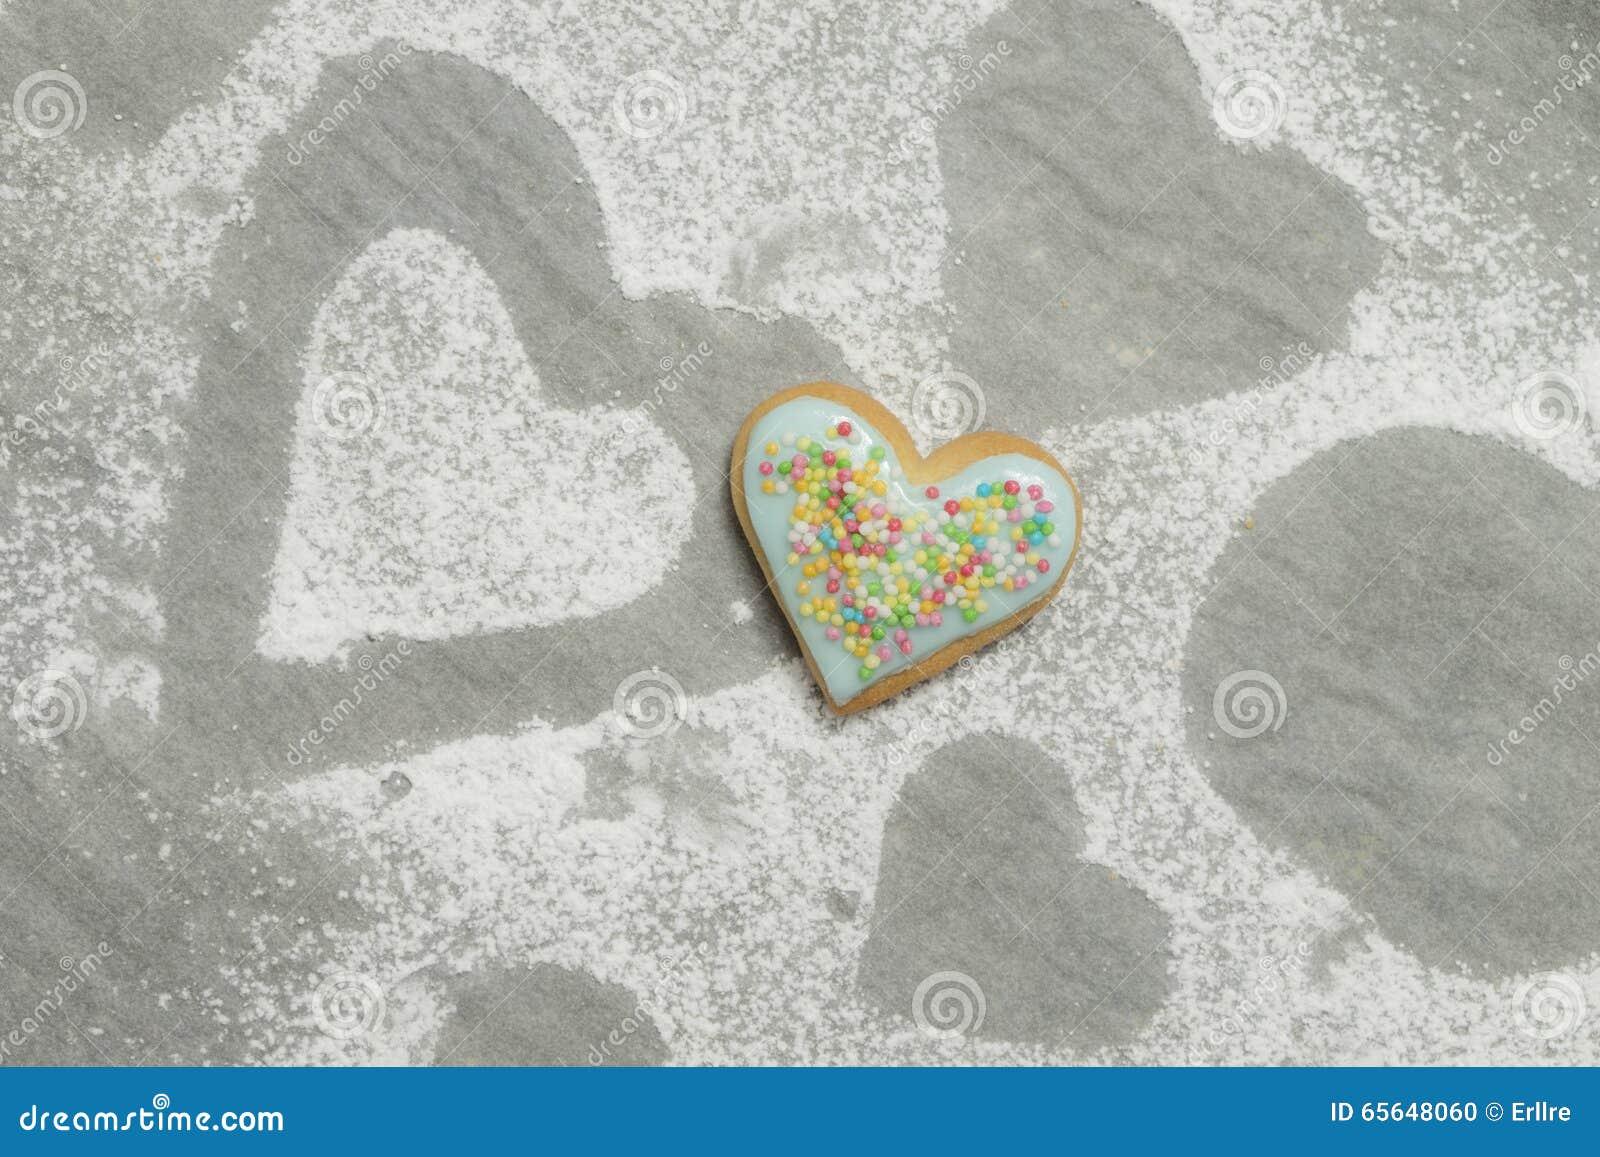 Le coeur de la valentine cuite au four couvert de glaçage et de confettis bleus